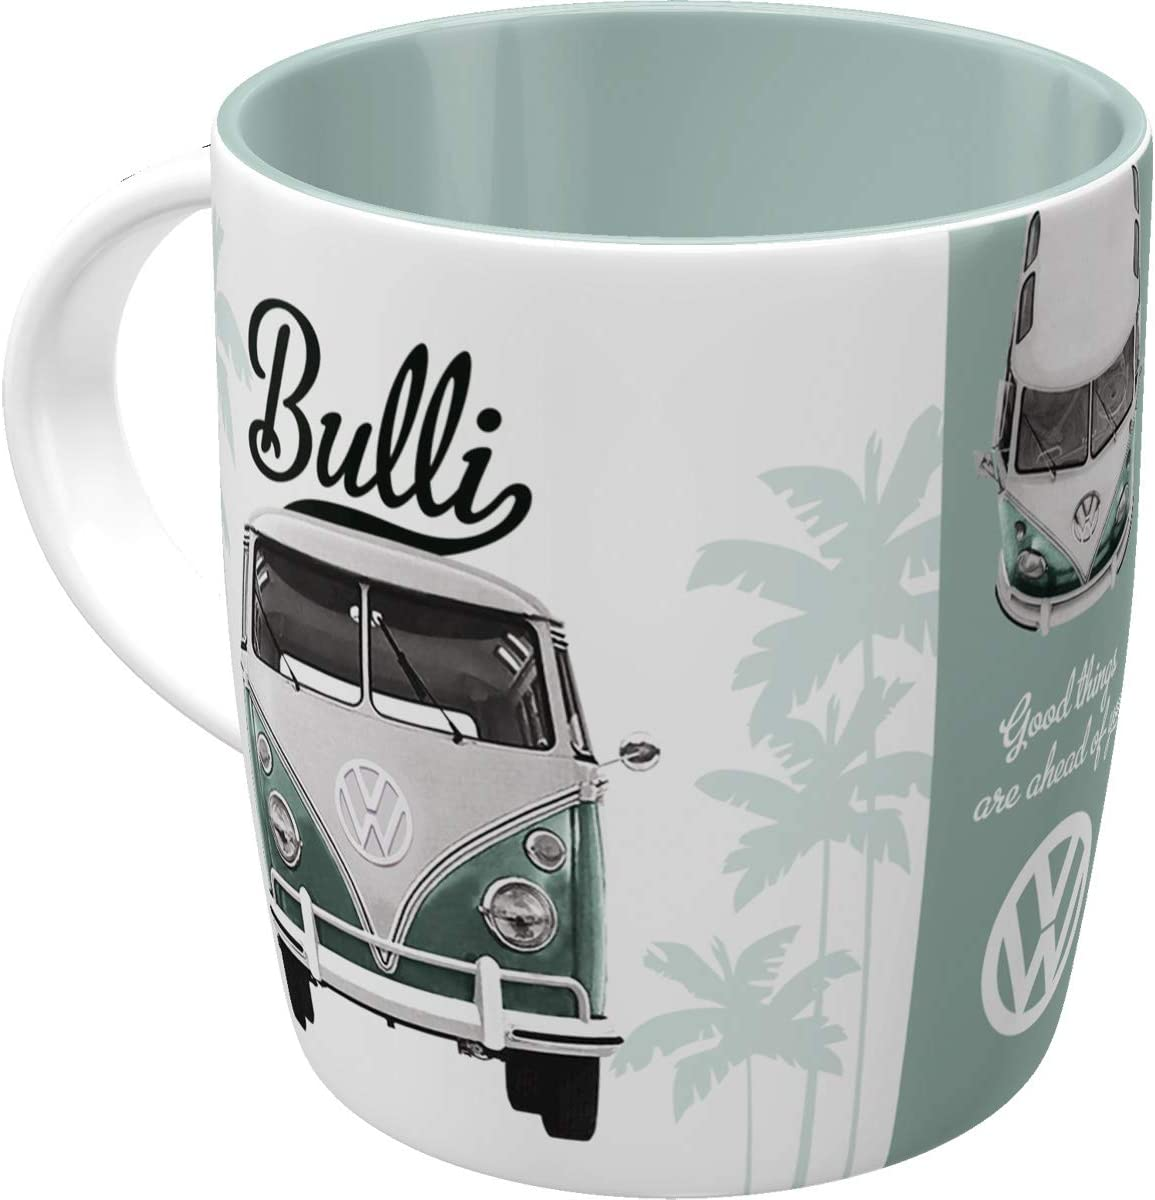 Geschenk-Idee f/ür VW Bus Fans Camping-Tasse Nostalgic-Art 43218 Retro Emaille-Becher Volkswagen Bulli T1 Vintage Design 360 milliliters Beach